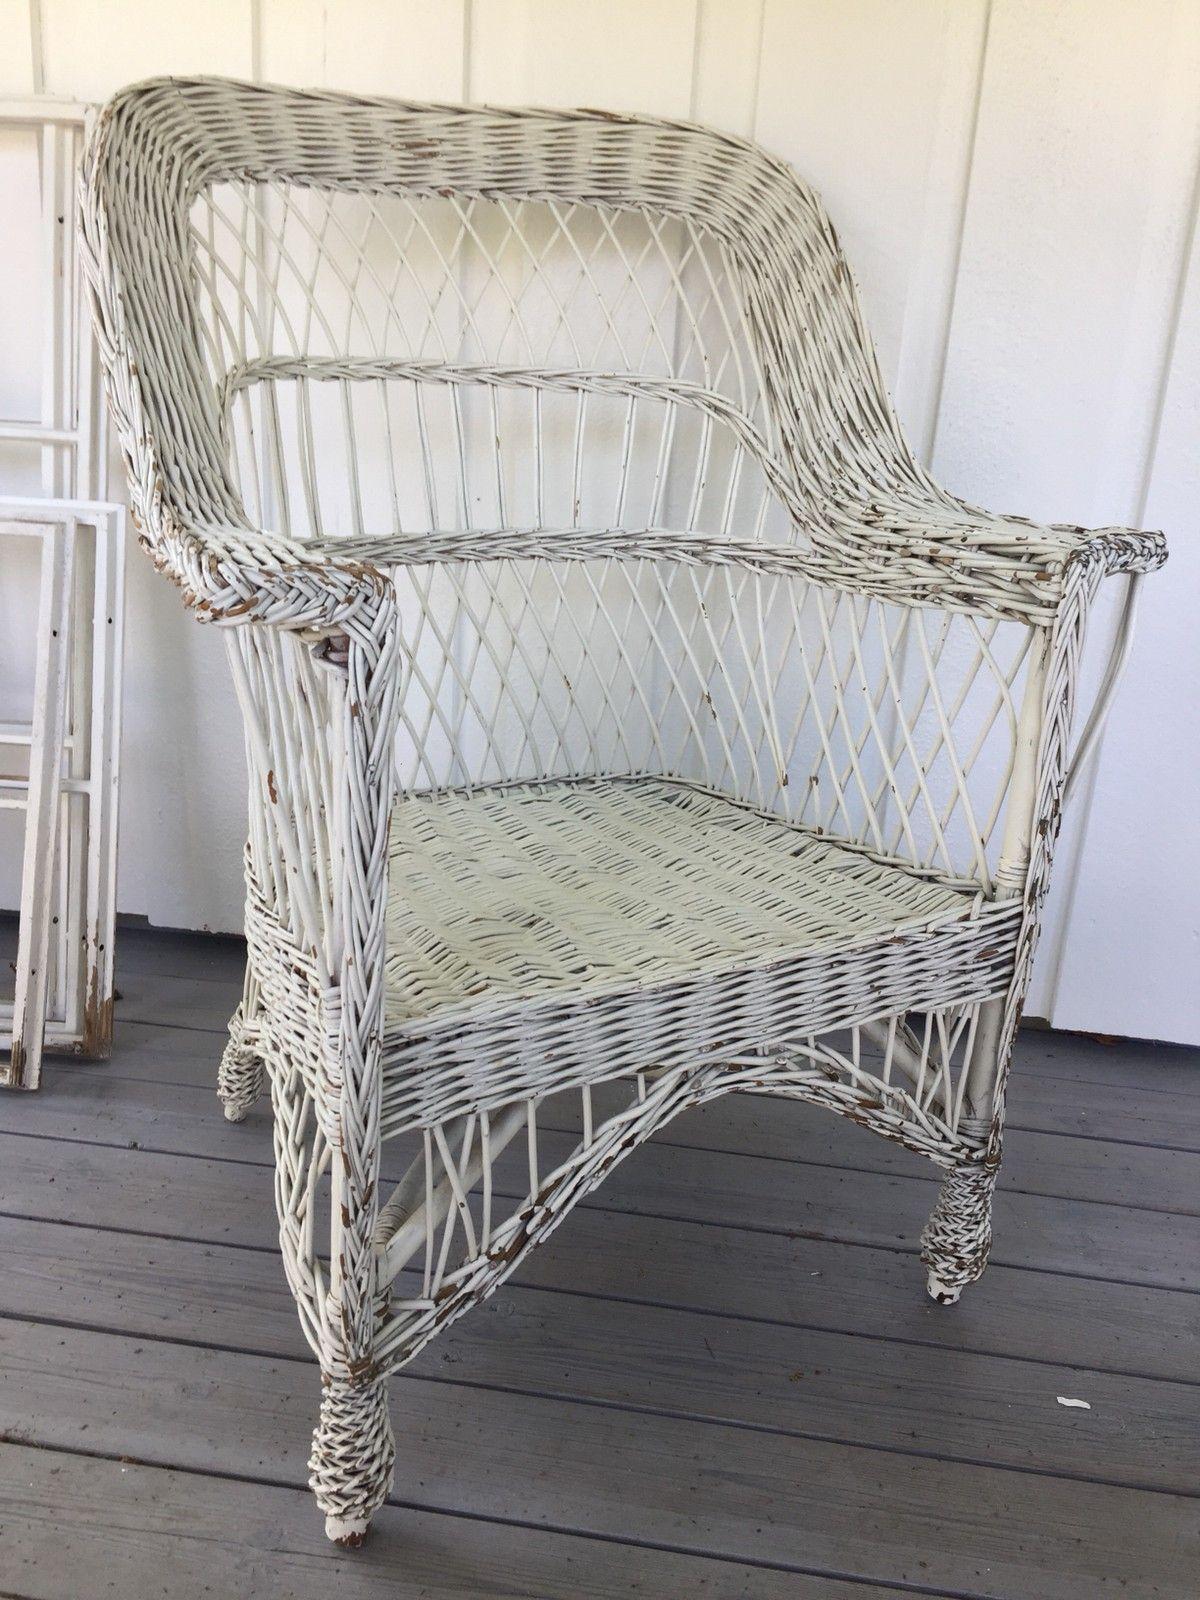 2 kurvstoler + bord | FINN.no